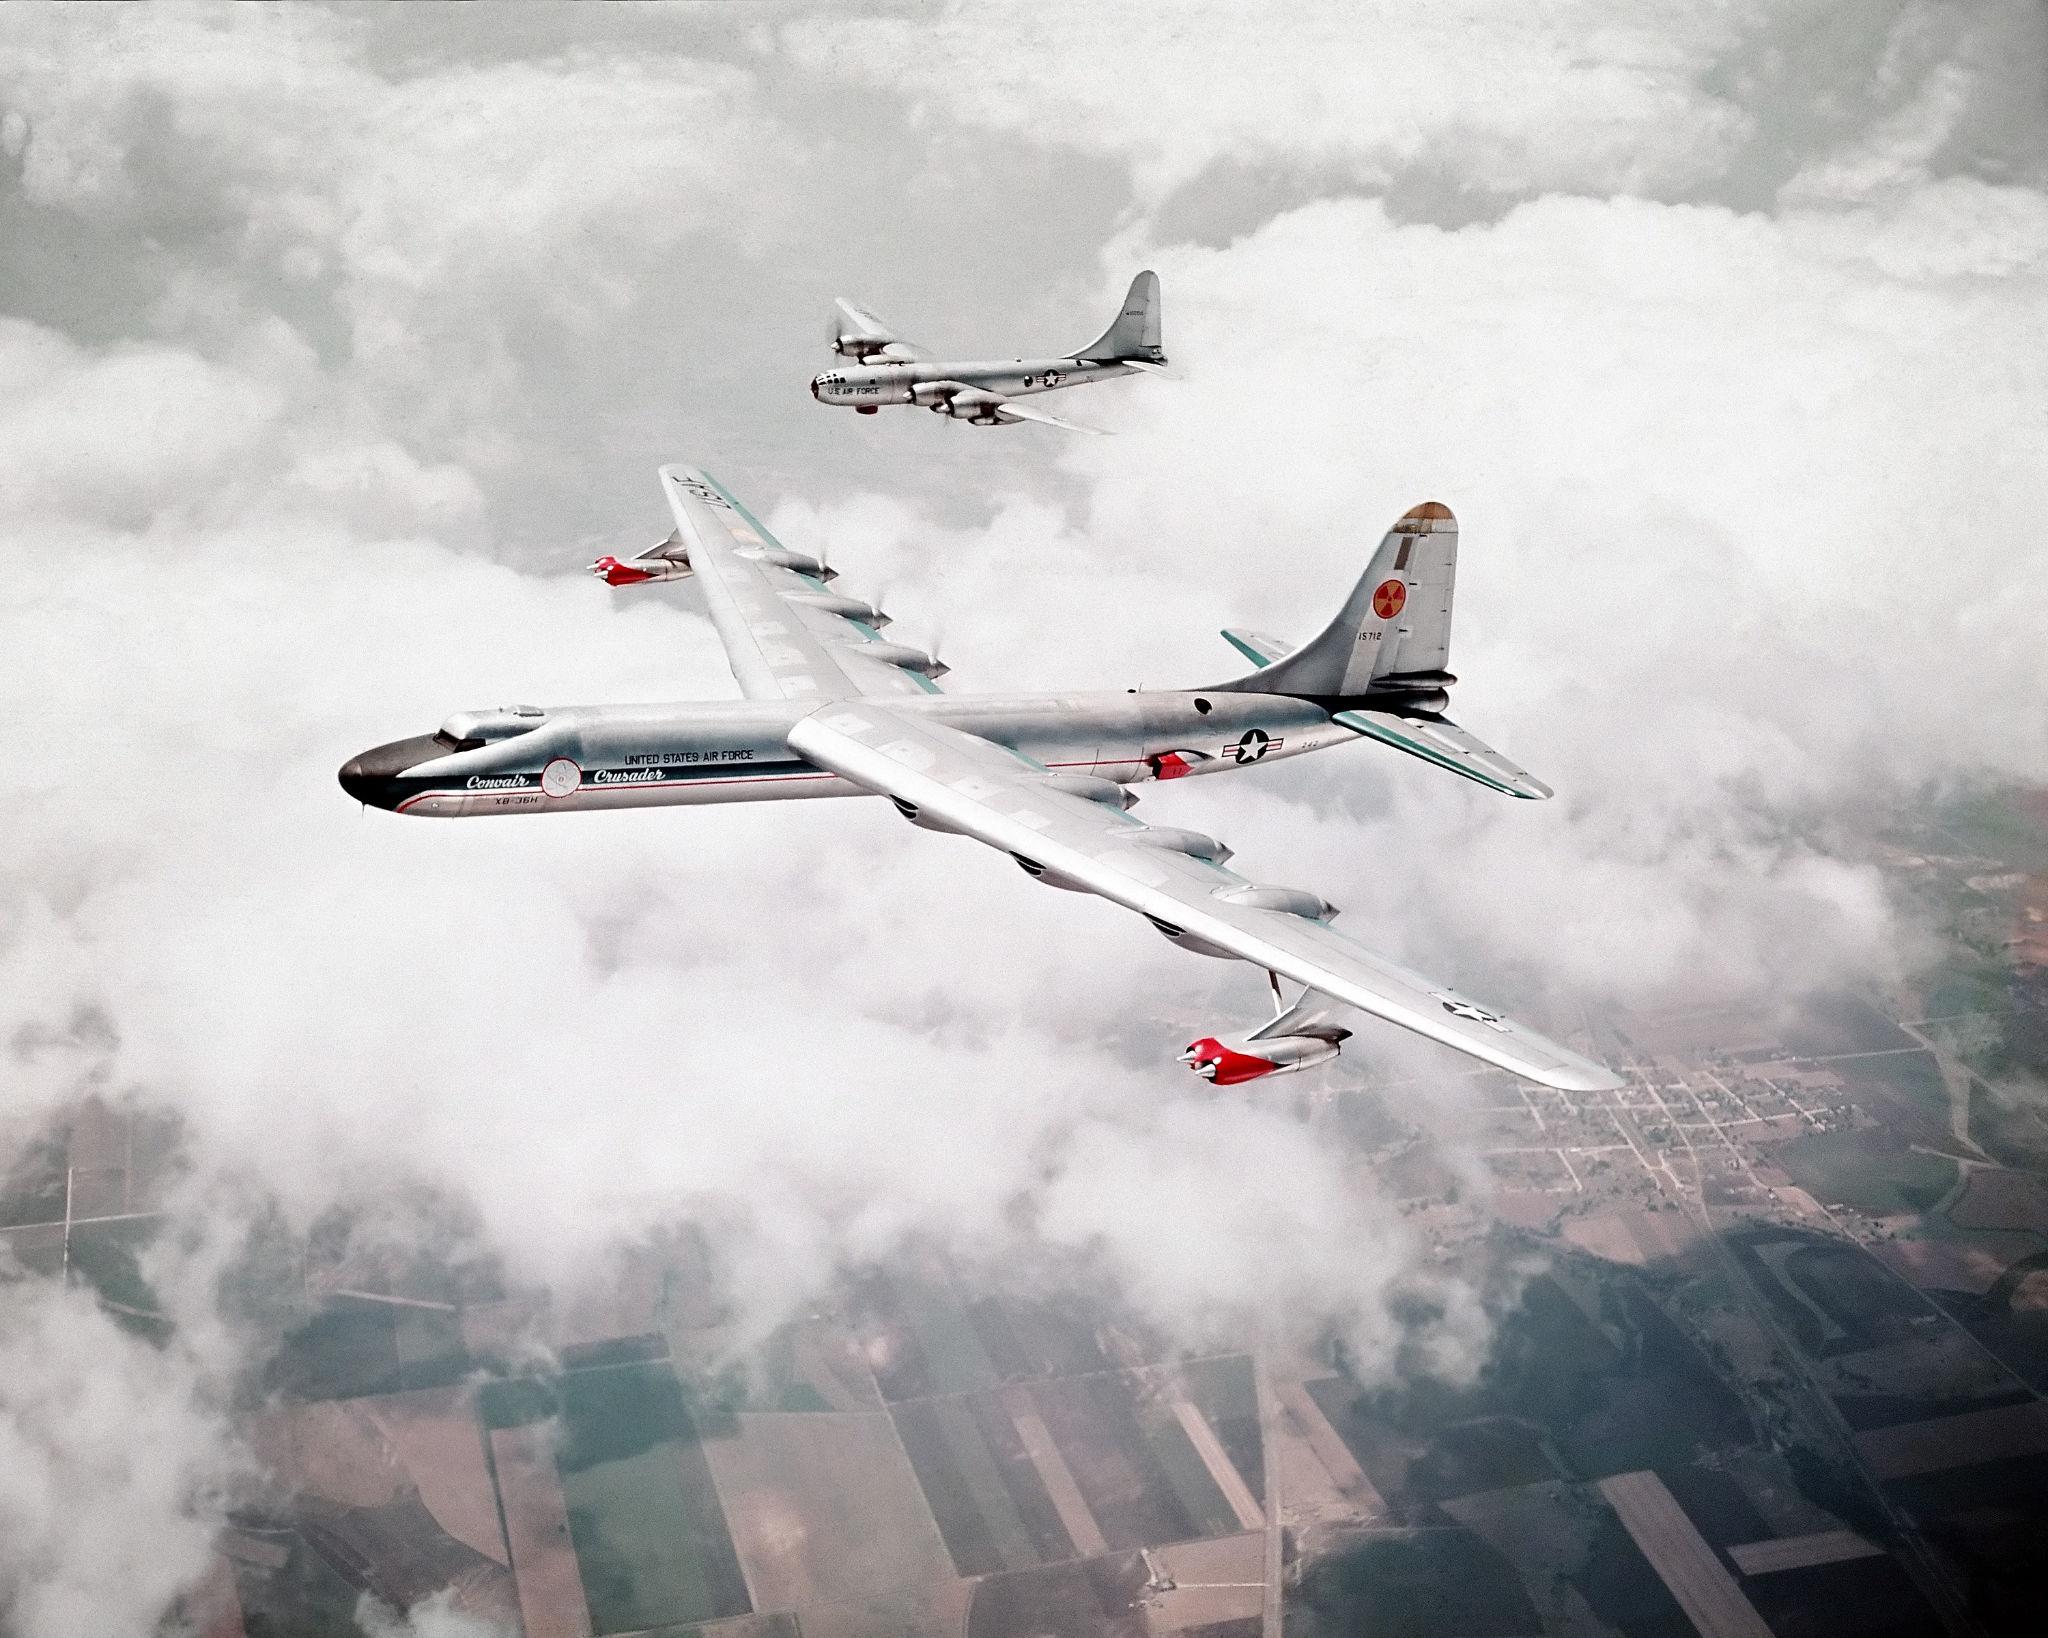 Đây là Convair NB-36H Peacemaker, chiếc máy bay duy nhất của Hoa Kỳ mang theo động cơ hạt nhân để thử nghiệm. Dự án này đã bị hủy vào năm 1958. Trong máy bay có một động cơ hạt nhân 3 Megawatt có thể hoạt động và làm mát bằng không khí. Nhưng chỉ là mang theo để đo các chỉ số an toàn chứ người ta chưa gắn nó vào động cơ của máy bay.